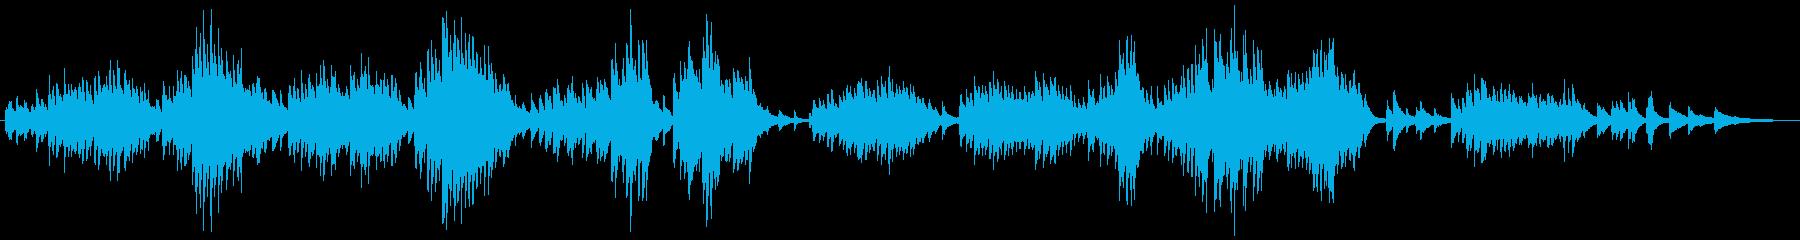 エルガー 愛の挨拶 ピアノの再生済みの波形